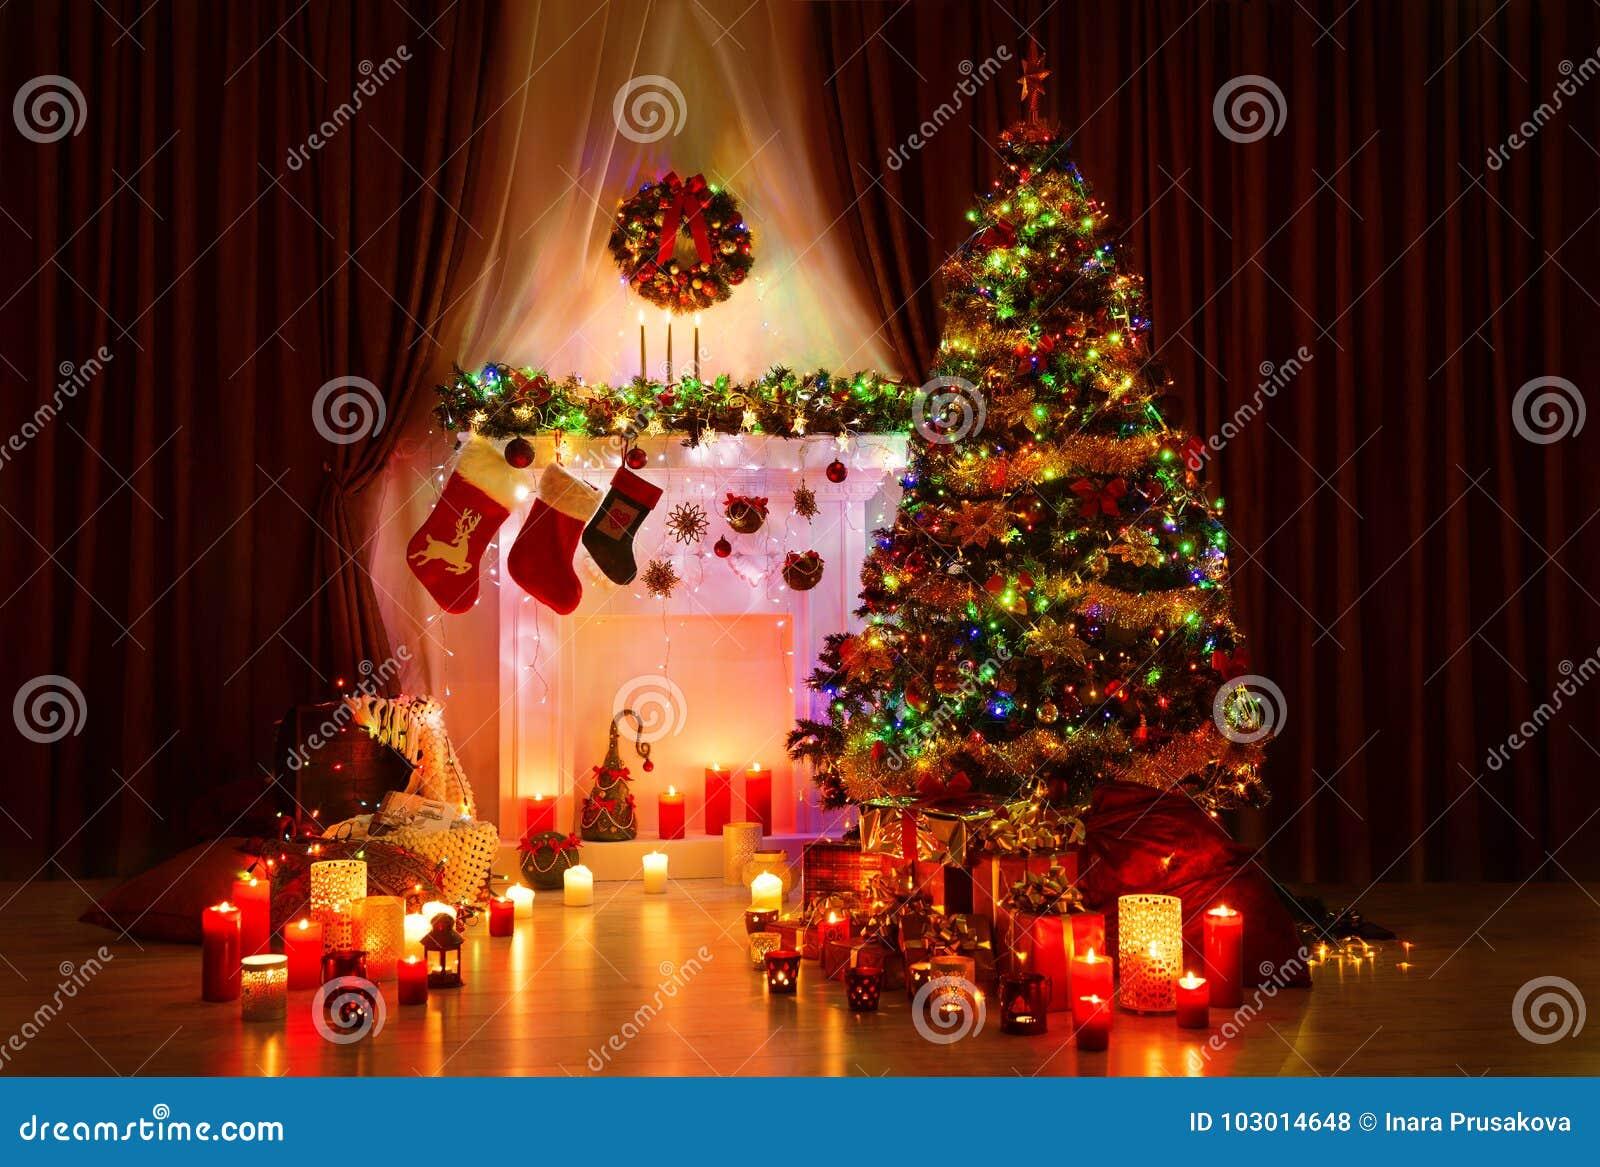 Lighting Christmas Tree, Xmas Fireplace and Stockings, New Year